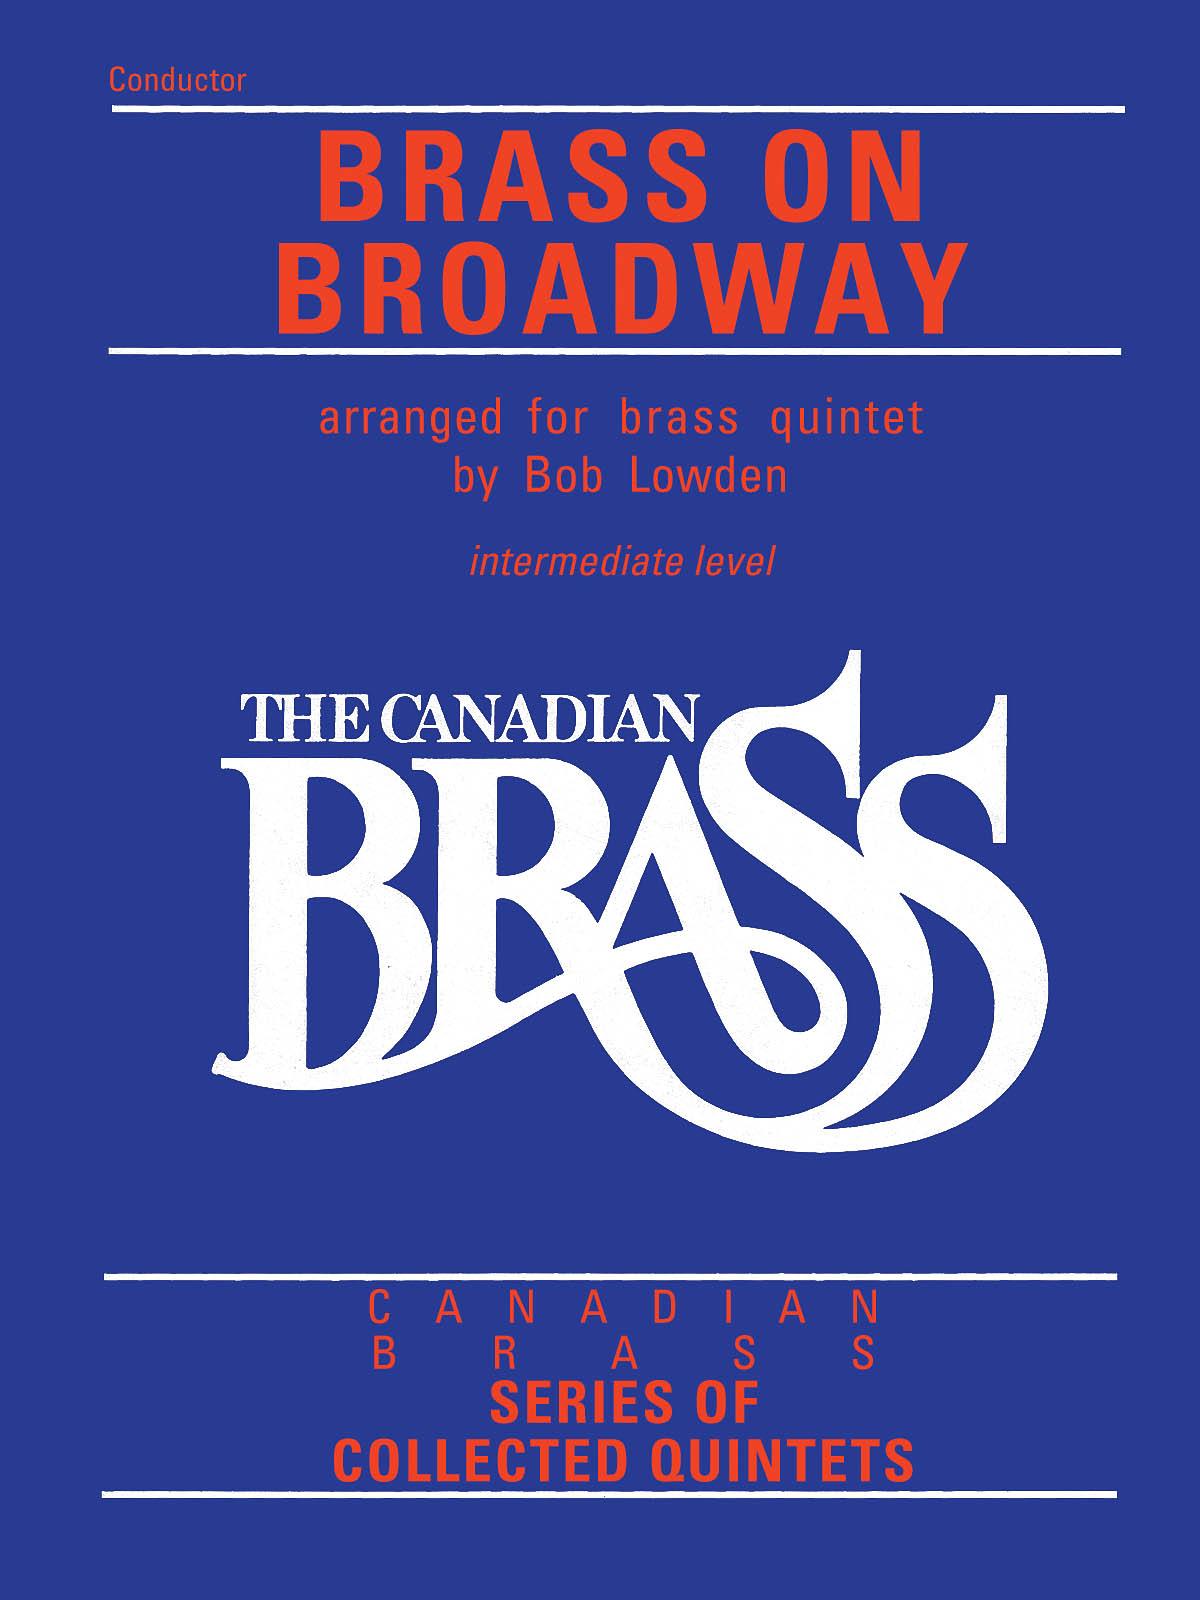 The Canadian Brass: The Canadian Brass: Brass On Broadway: Brass Ensemble: Score